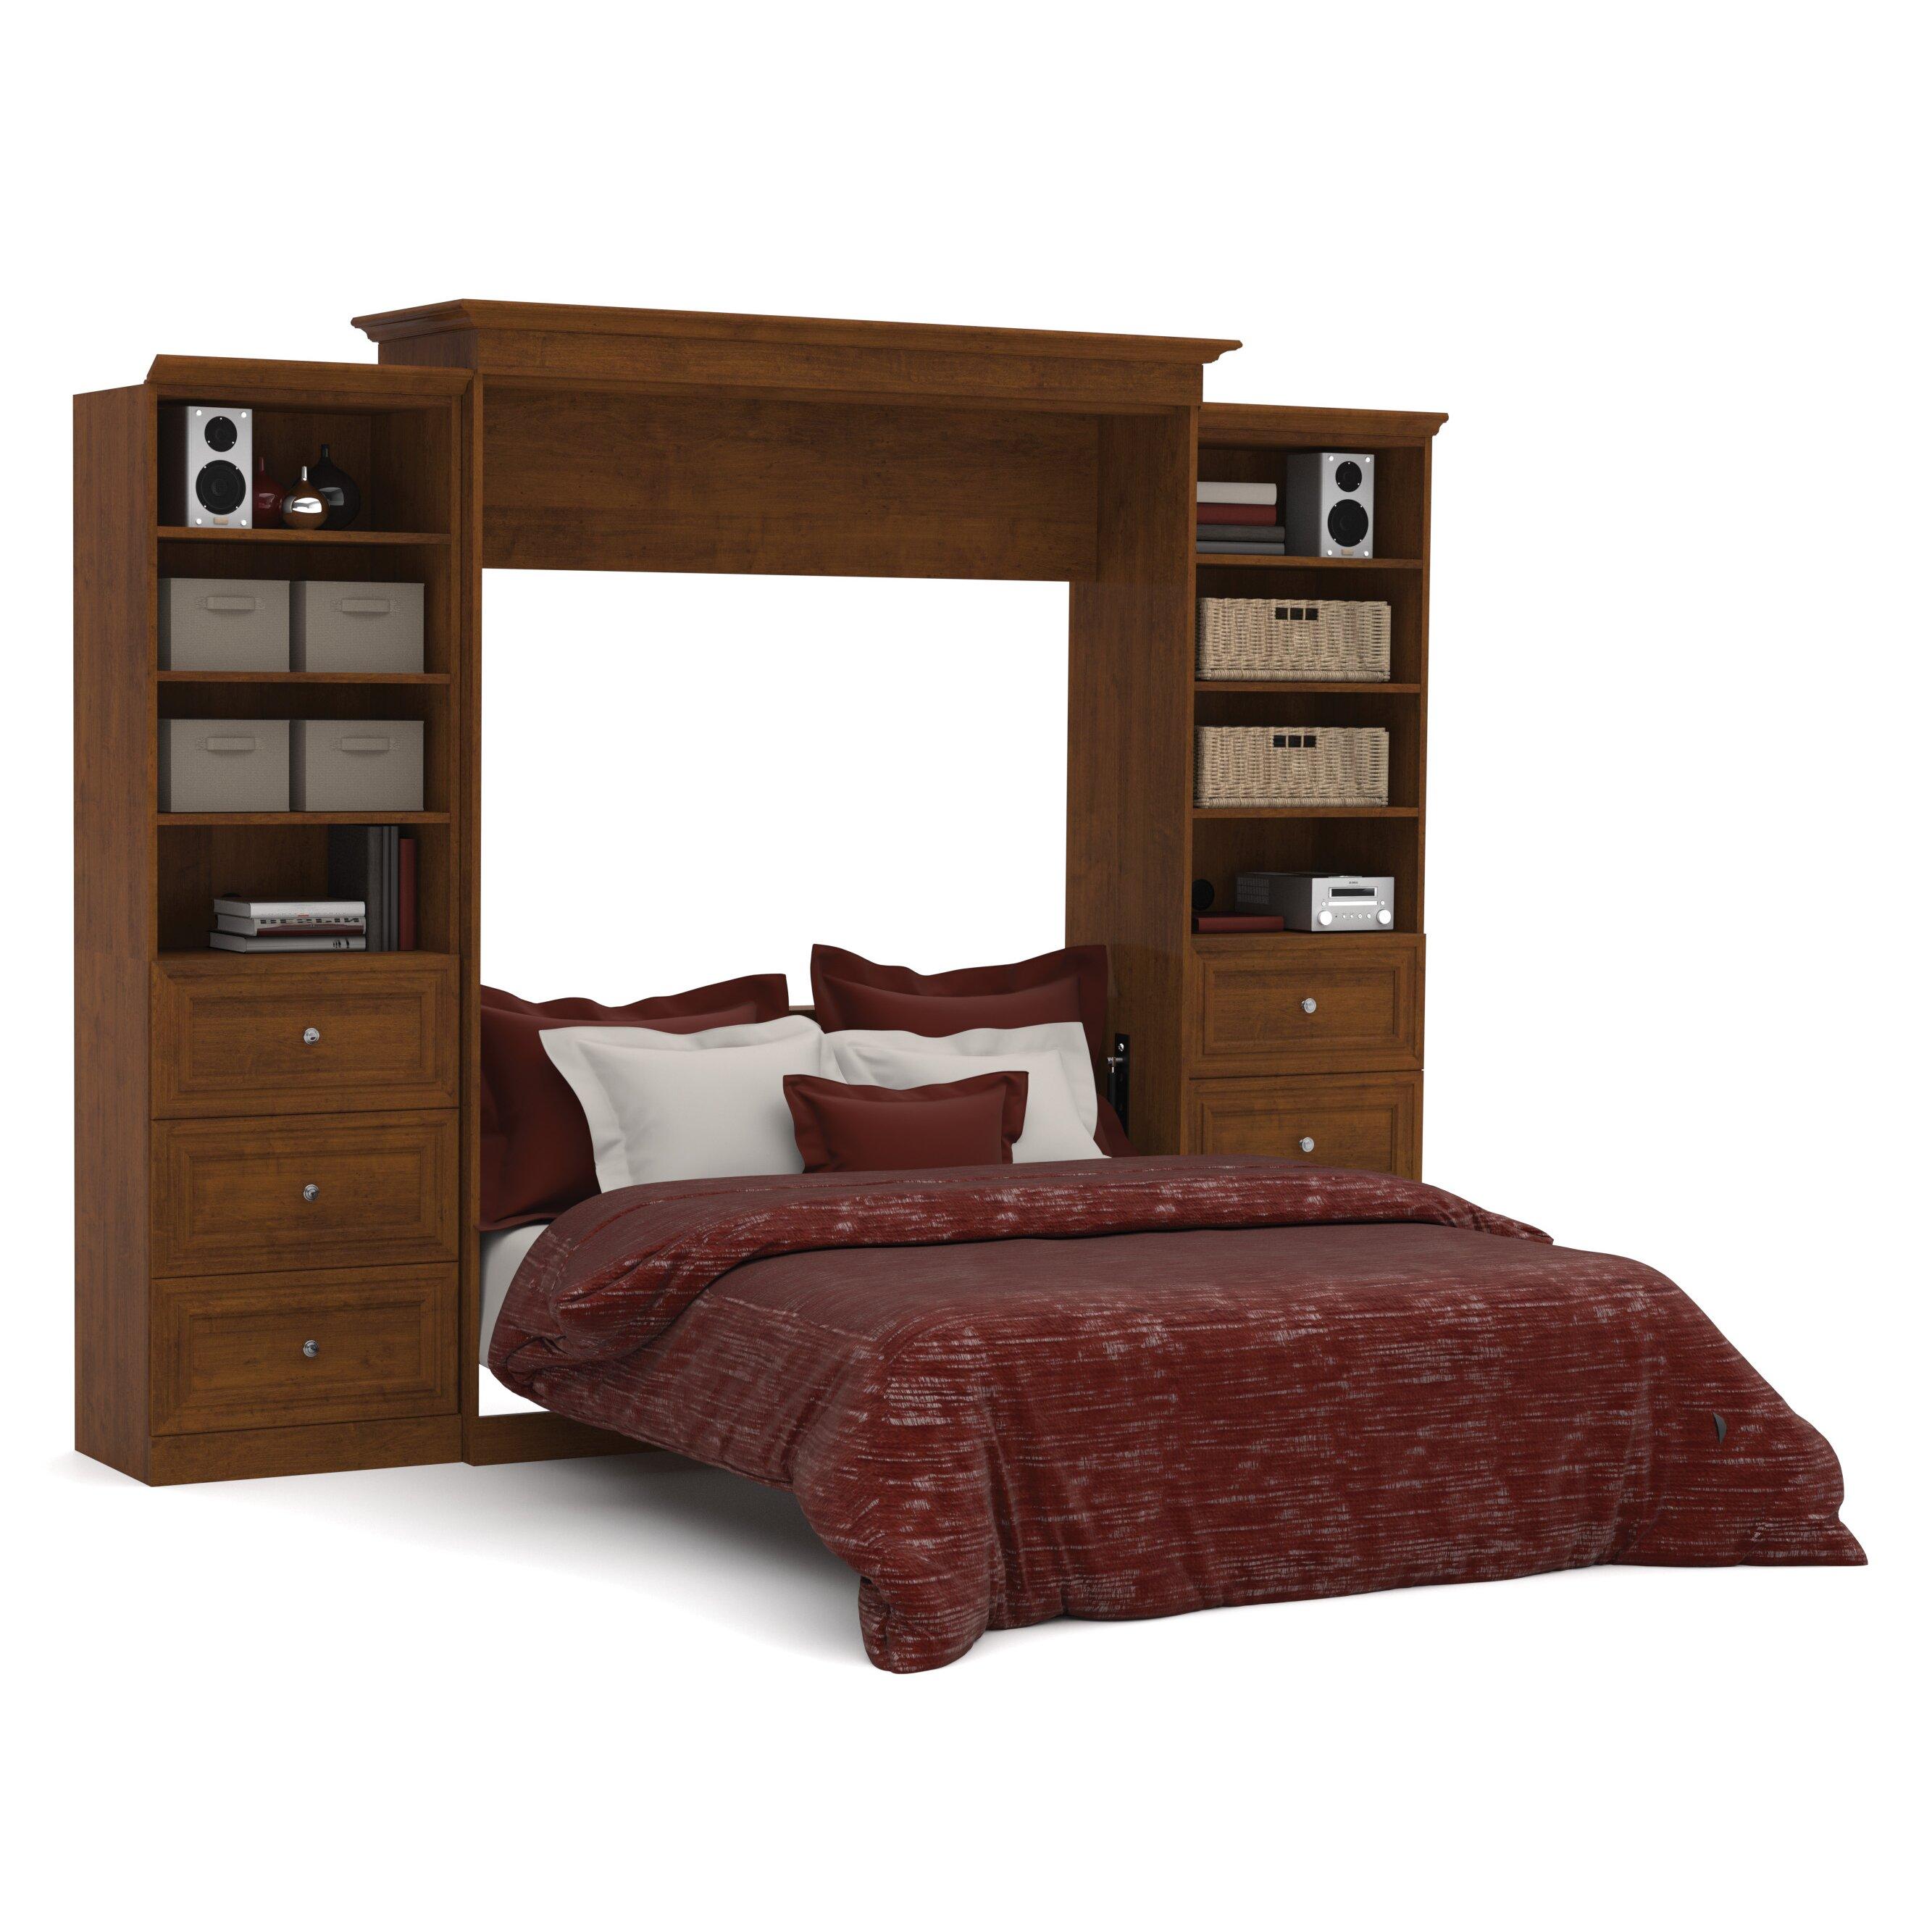 Queen Murphy Beds 28 Images Pdf Diy Rockler Woodworking Plans Murphy Bed Download How